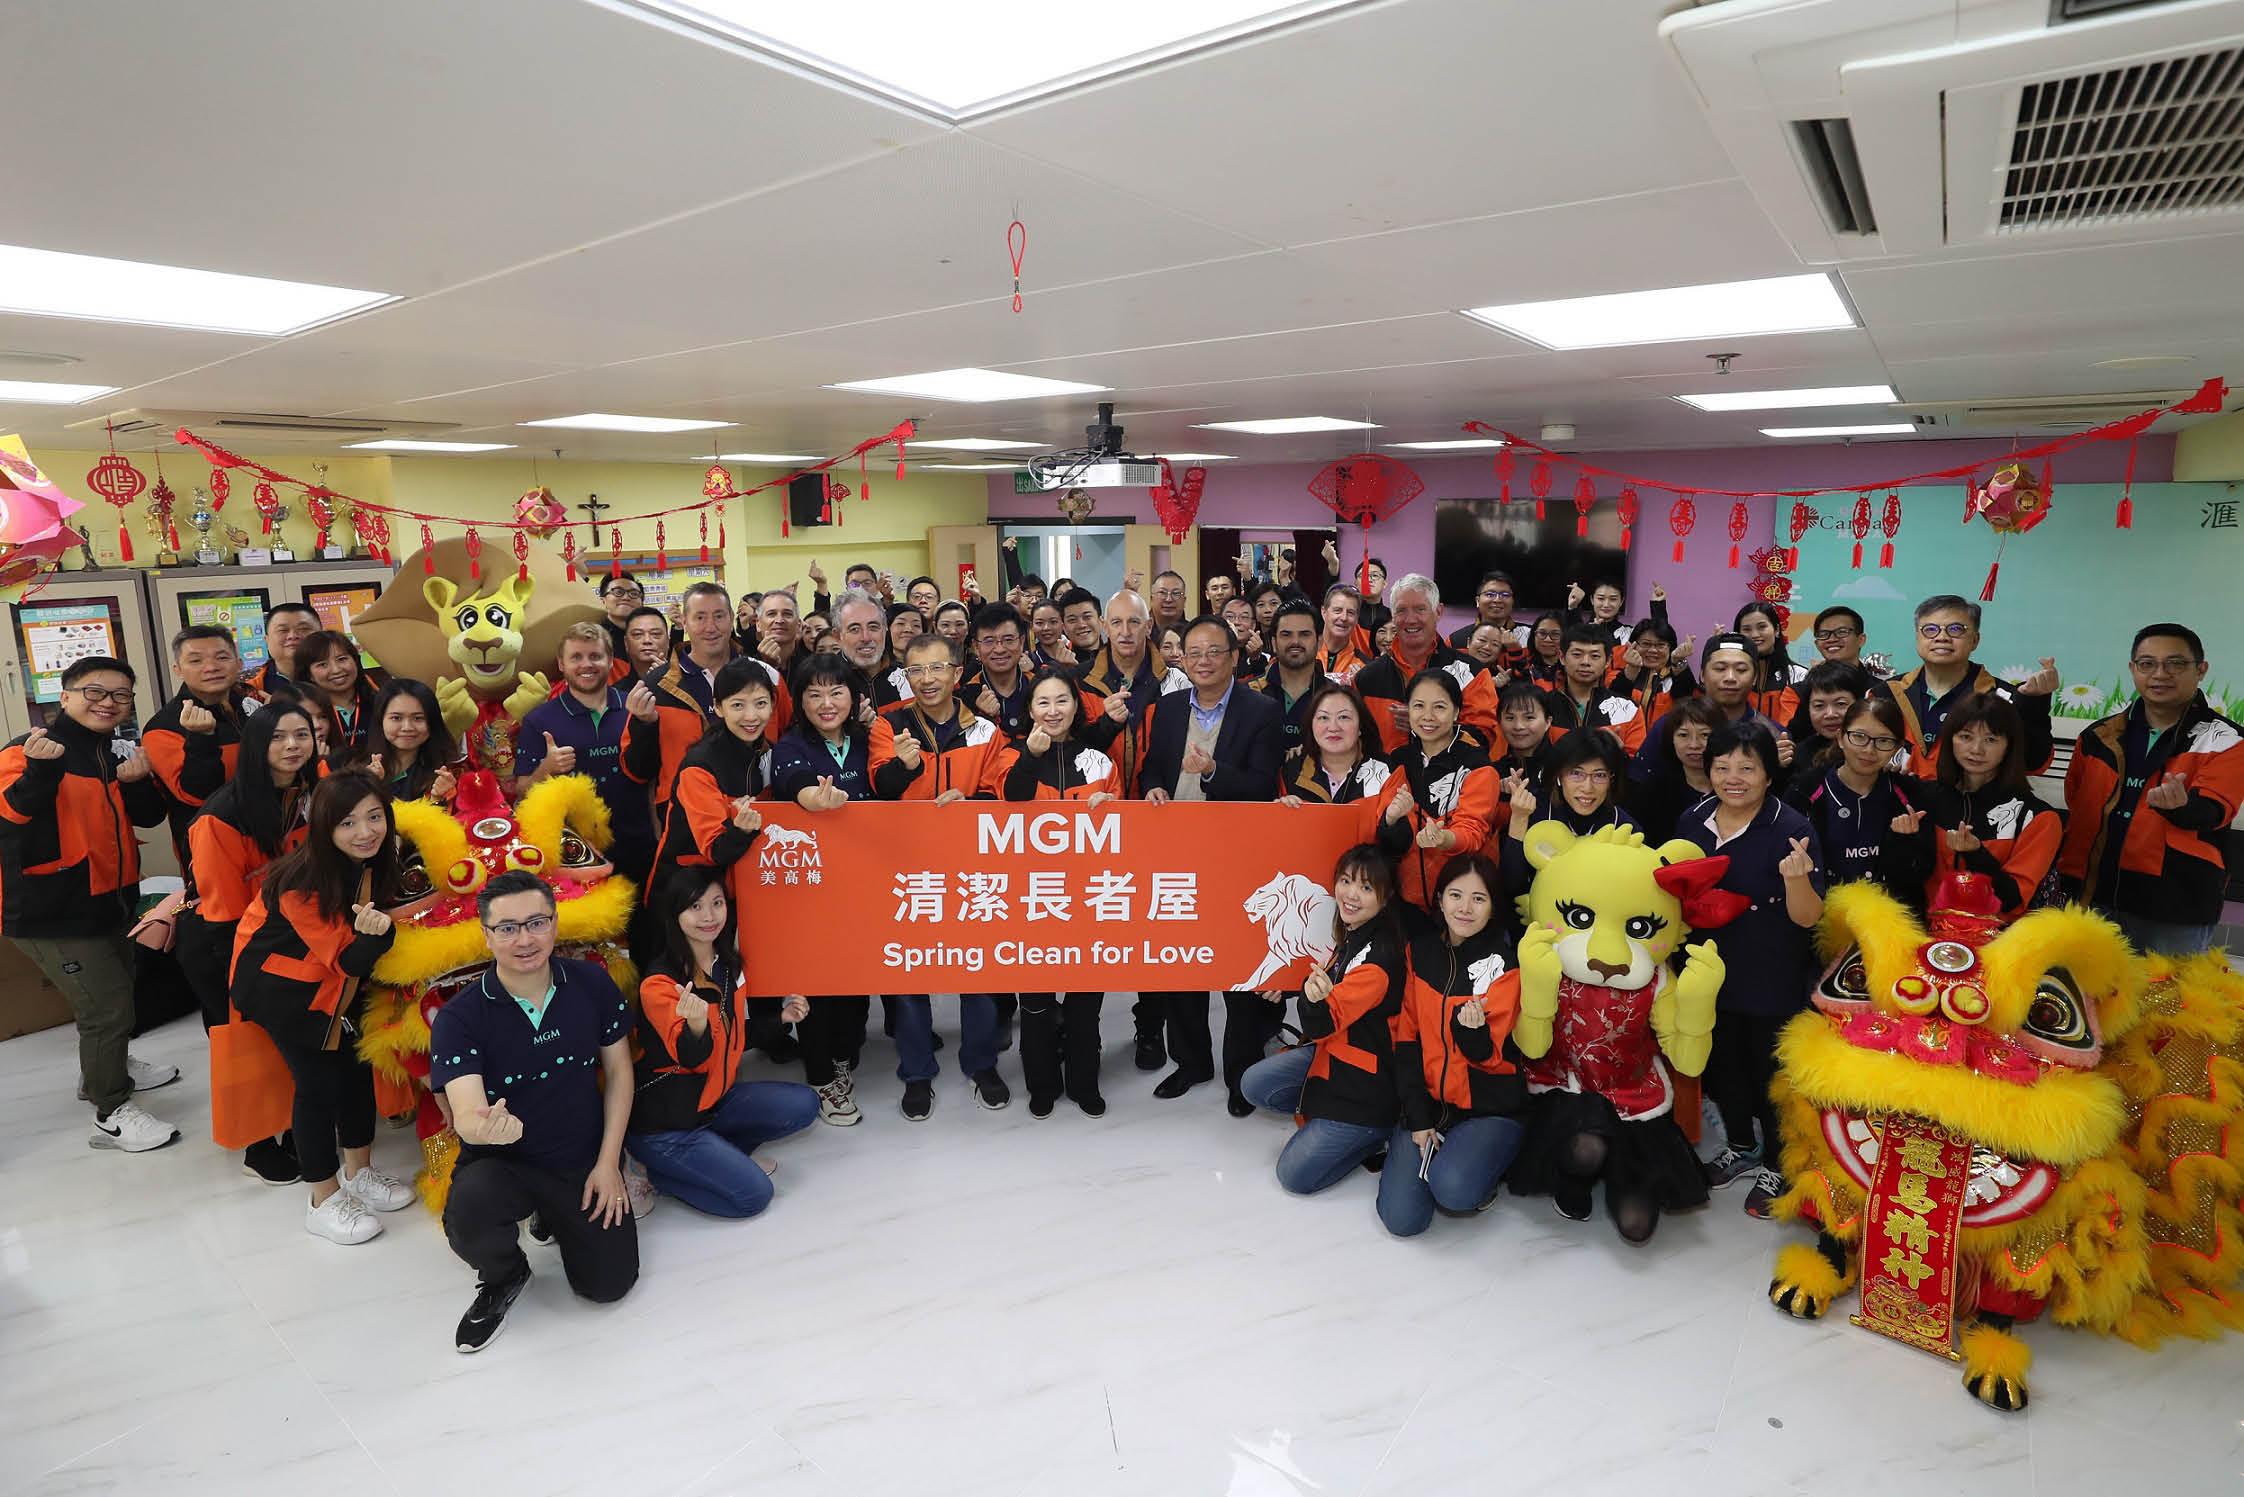 美高梅組織二百名團隊成員參與「清潔長者屋」年度活動.JPG